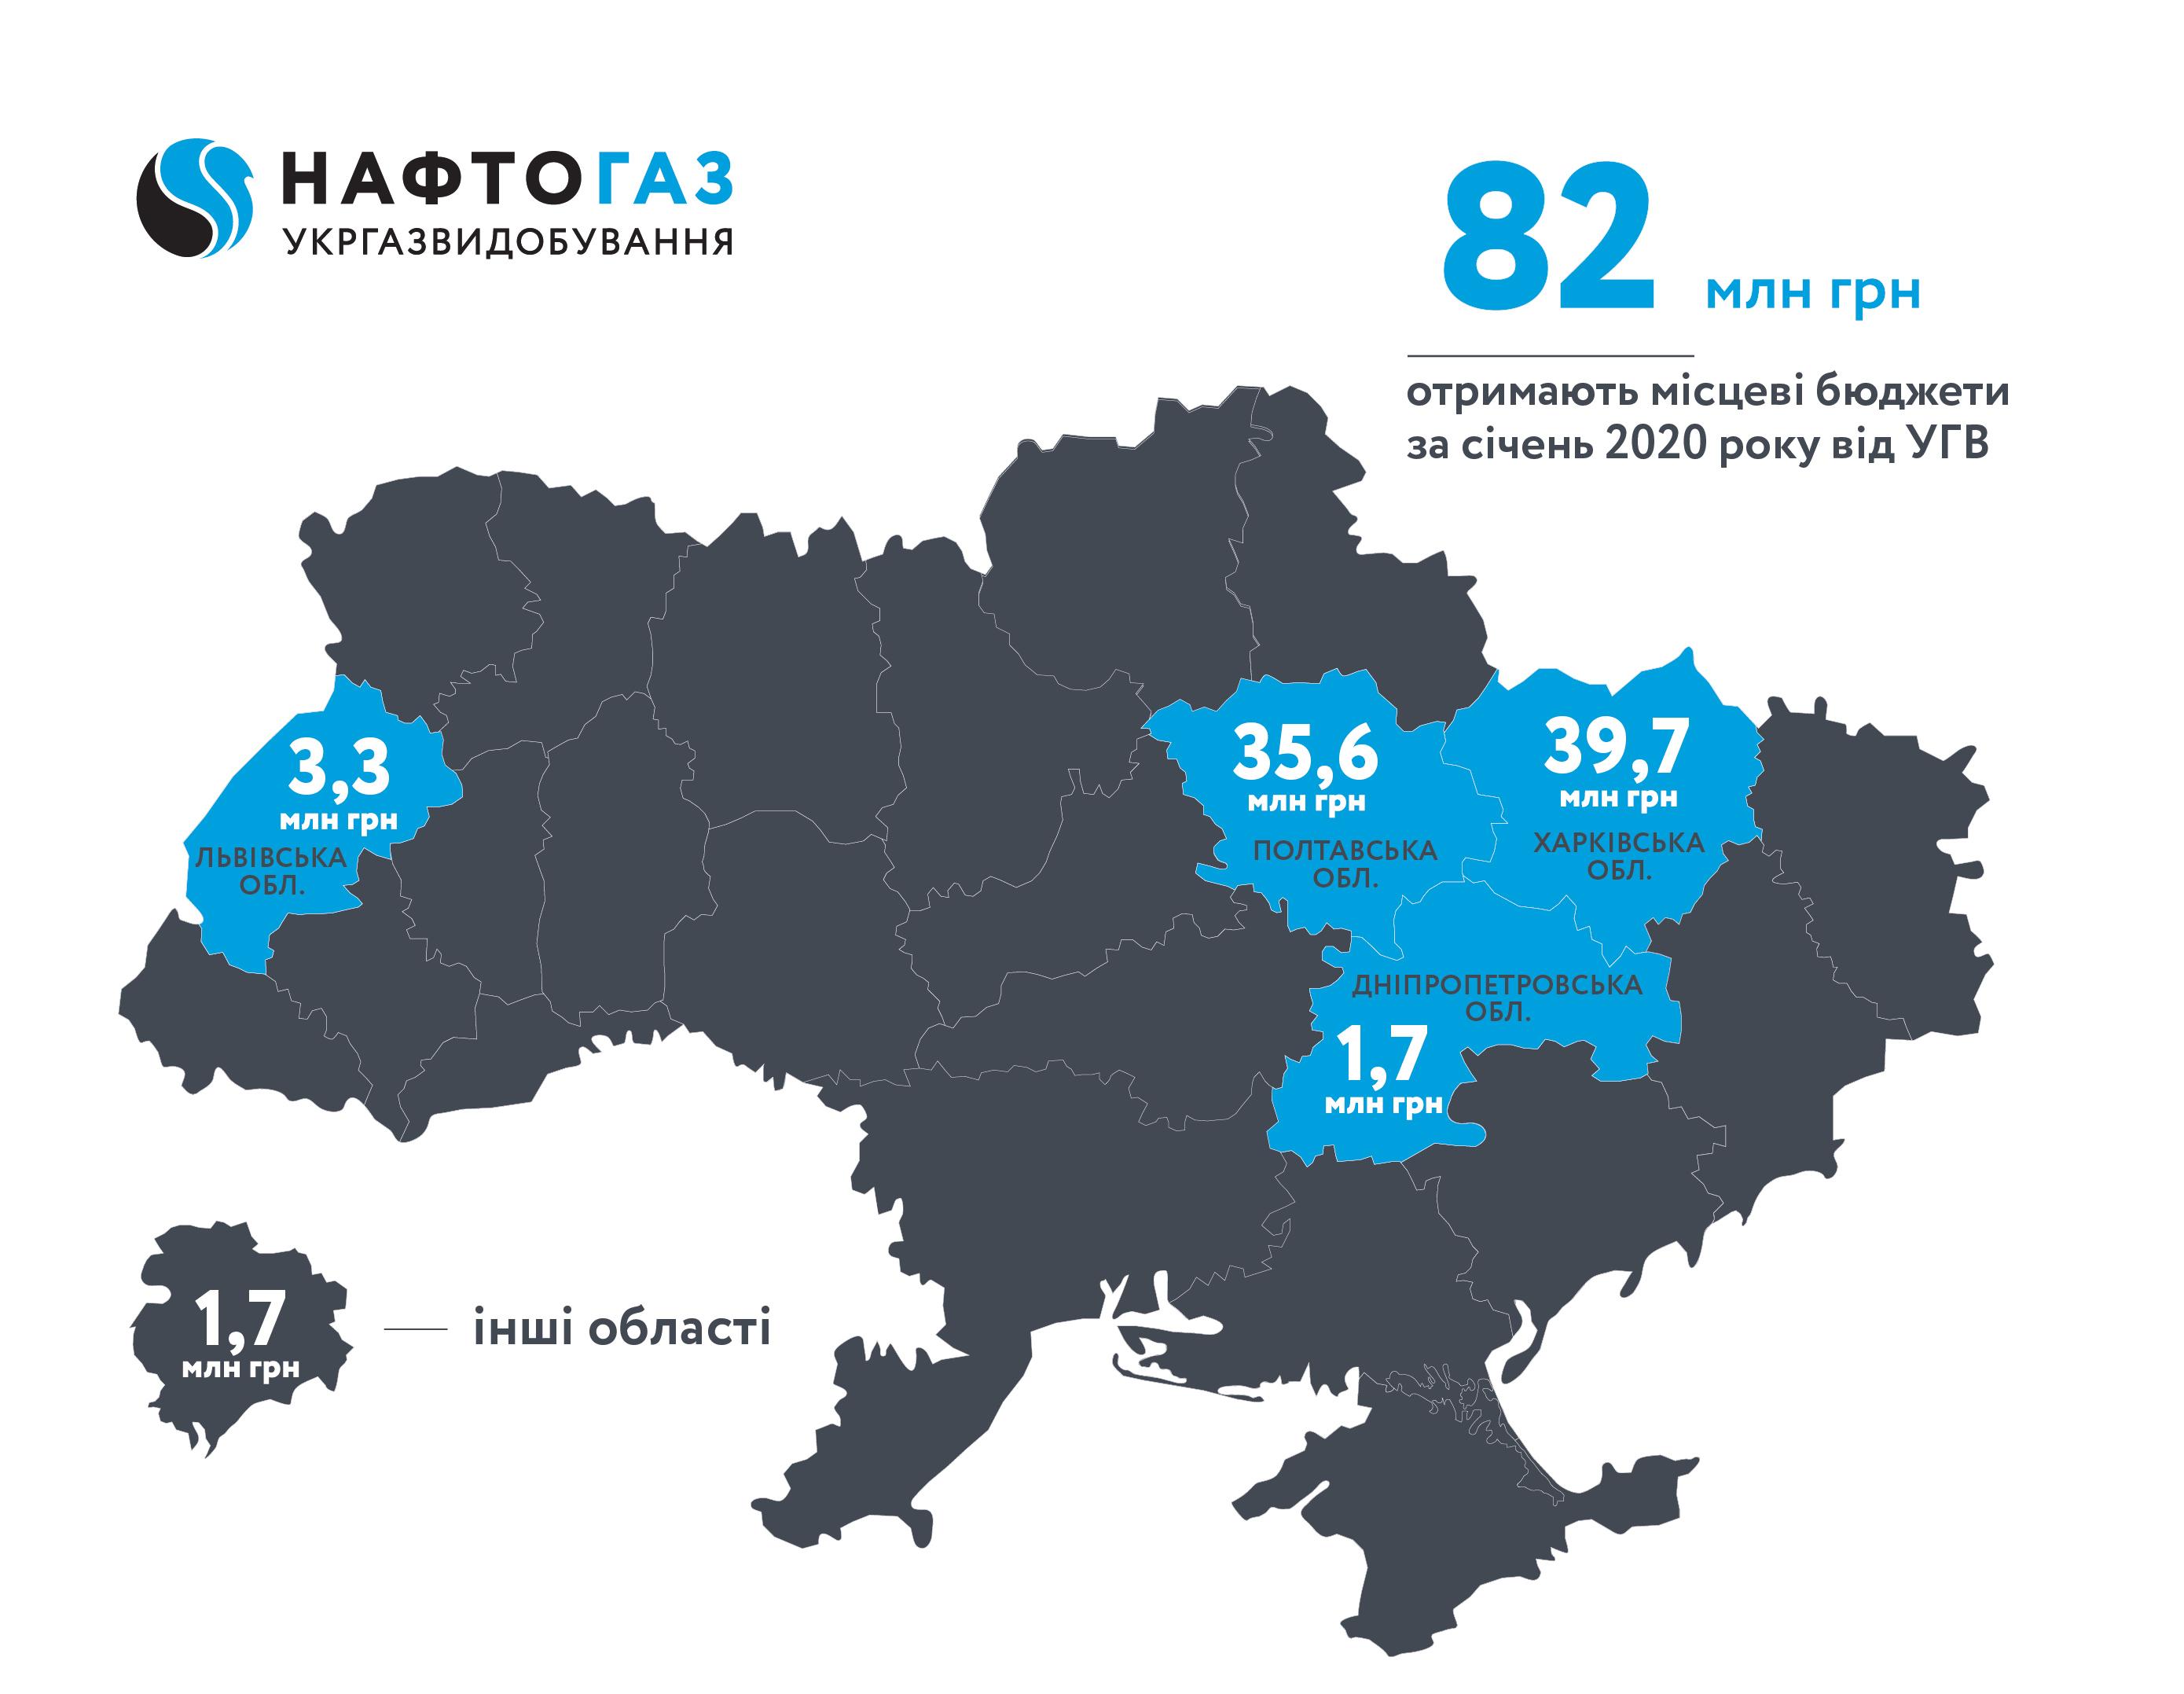 Укргазвидобування впродовж січня 2020 року спрямувало до місцевих бюджетів близько 82 млн грн рентних платежів